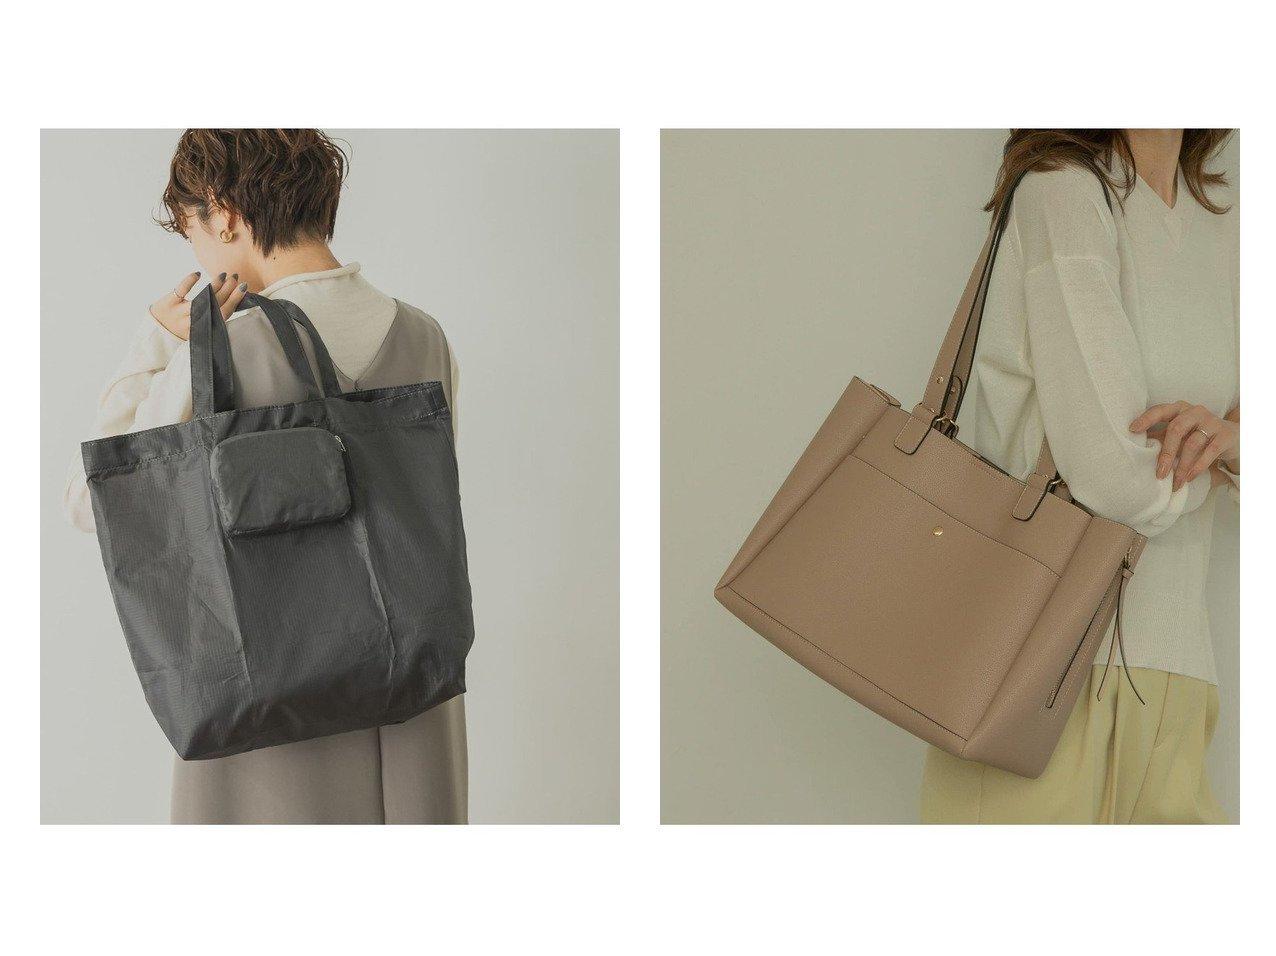 【RODE SKO/ロデスコ】のABRA サイドファスナー2WAYトート&【URBAN RESEARCH/アーバンリサーチ】のYAHKI ECO BAG バッグ・鞄のおすすめ!人気、トレンド・レディースファッションの通販  おすすめで人気の流行・トレンド、ファッションの通販商品 メンズファッション・キッズファッション・インテリア・家具・レディースファッション・服の通販 founy(ファニー) https://founy.com/ ファッション Fashion レディースファッション WOMEN バッグ Bag NEW・新作・新着・新入荷 New Arrivals ポケット マグネット 人気 |ID:crp329100000009893